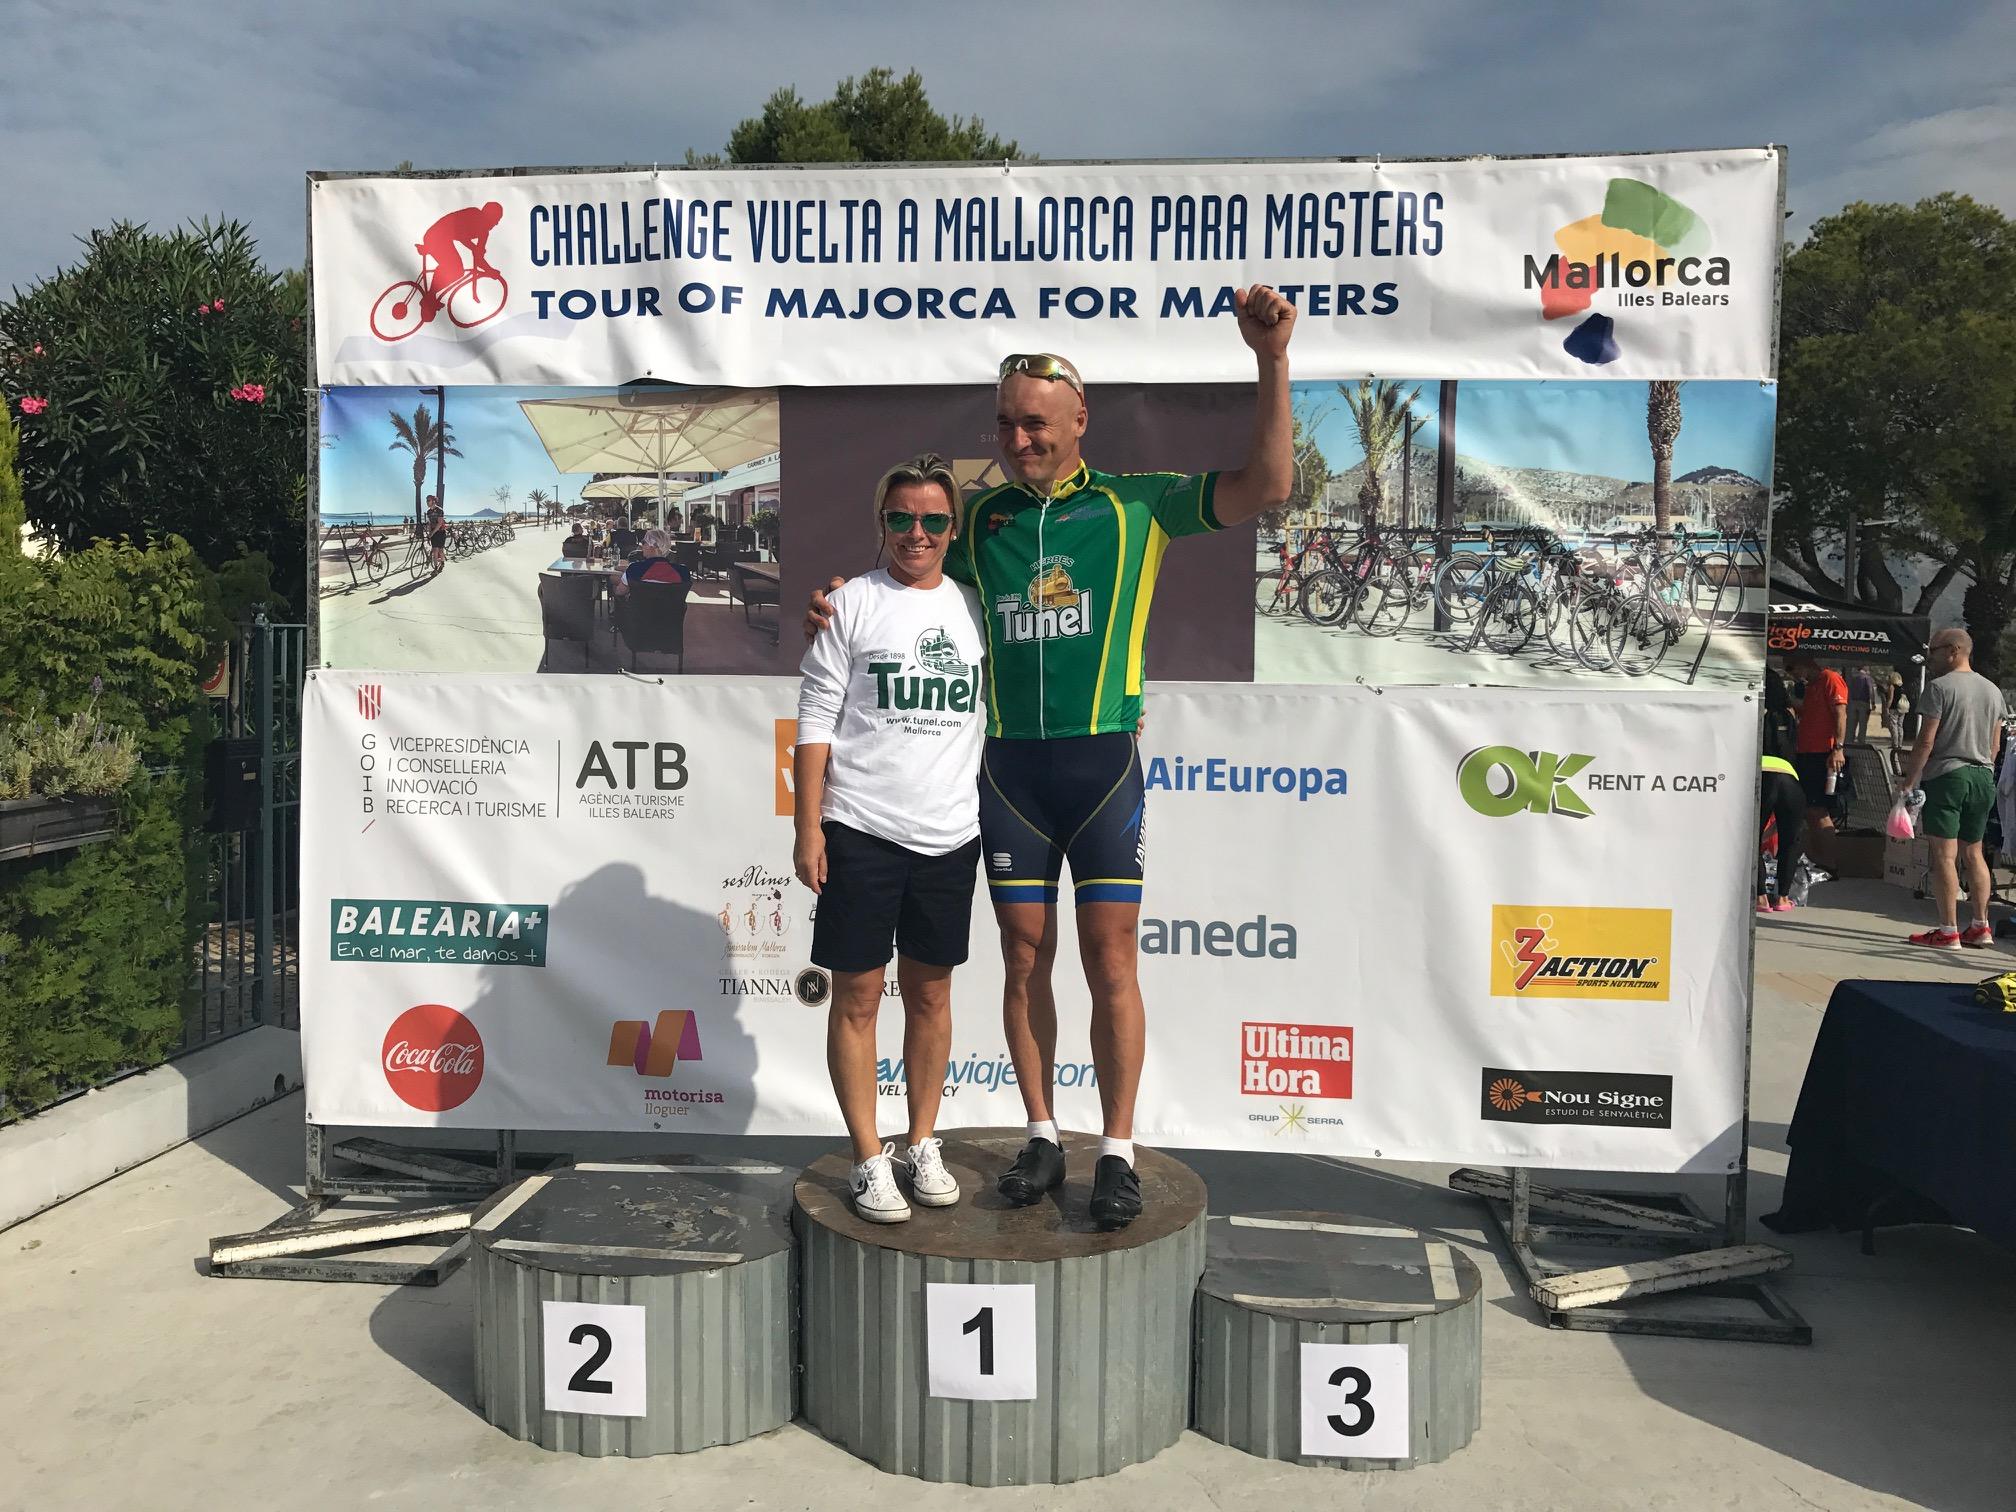 ChallengeVueltaMallorca2017_2a_etapa_maillots_tunel